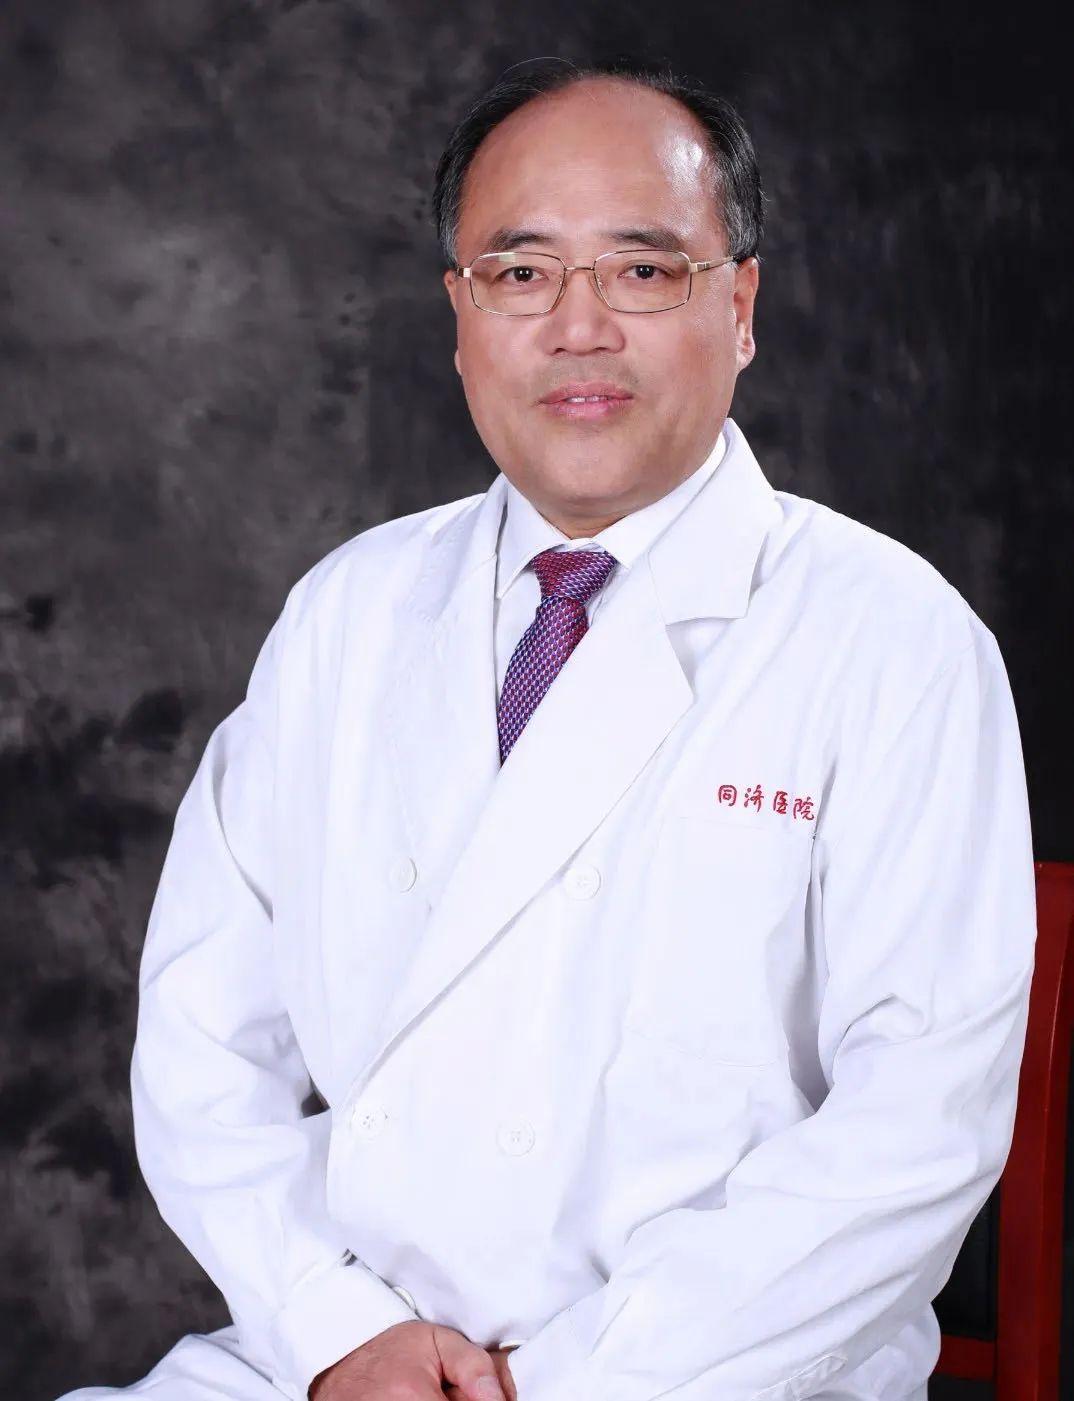 短暂性脑缺血发作是什么?听听上海市同济医院聂志余教授怎么说!